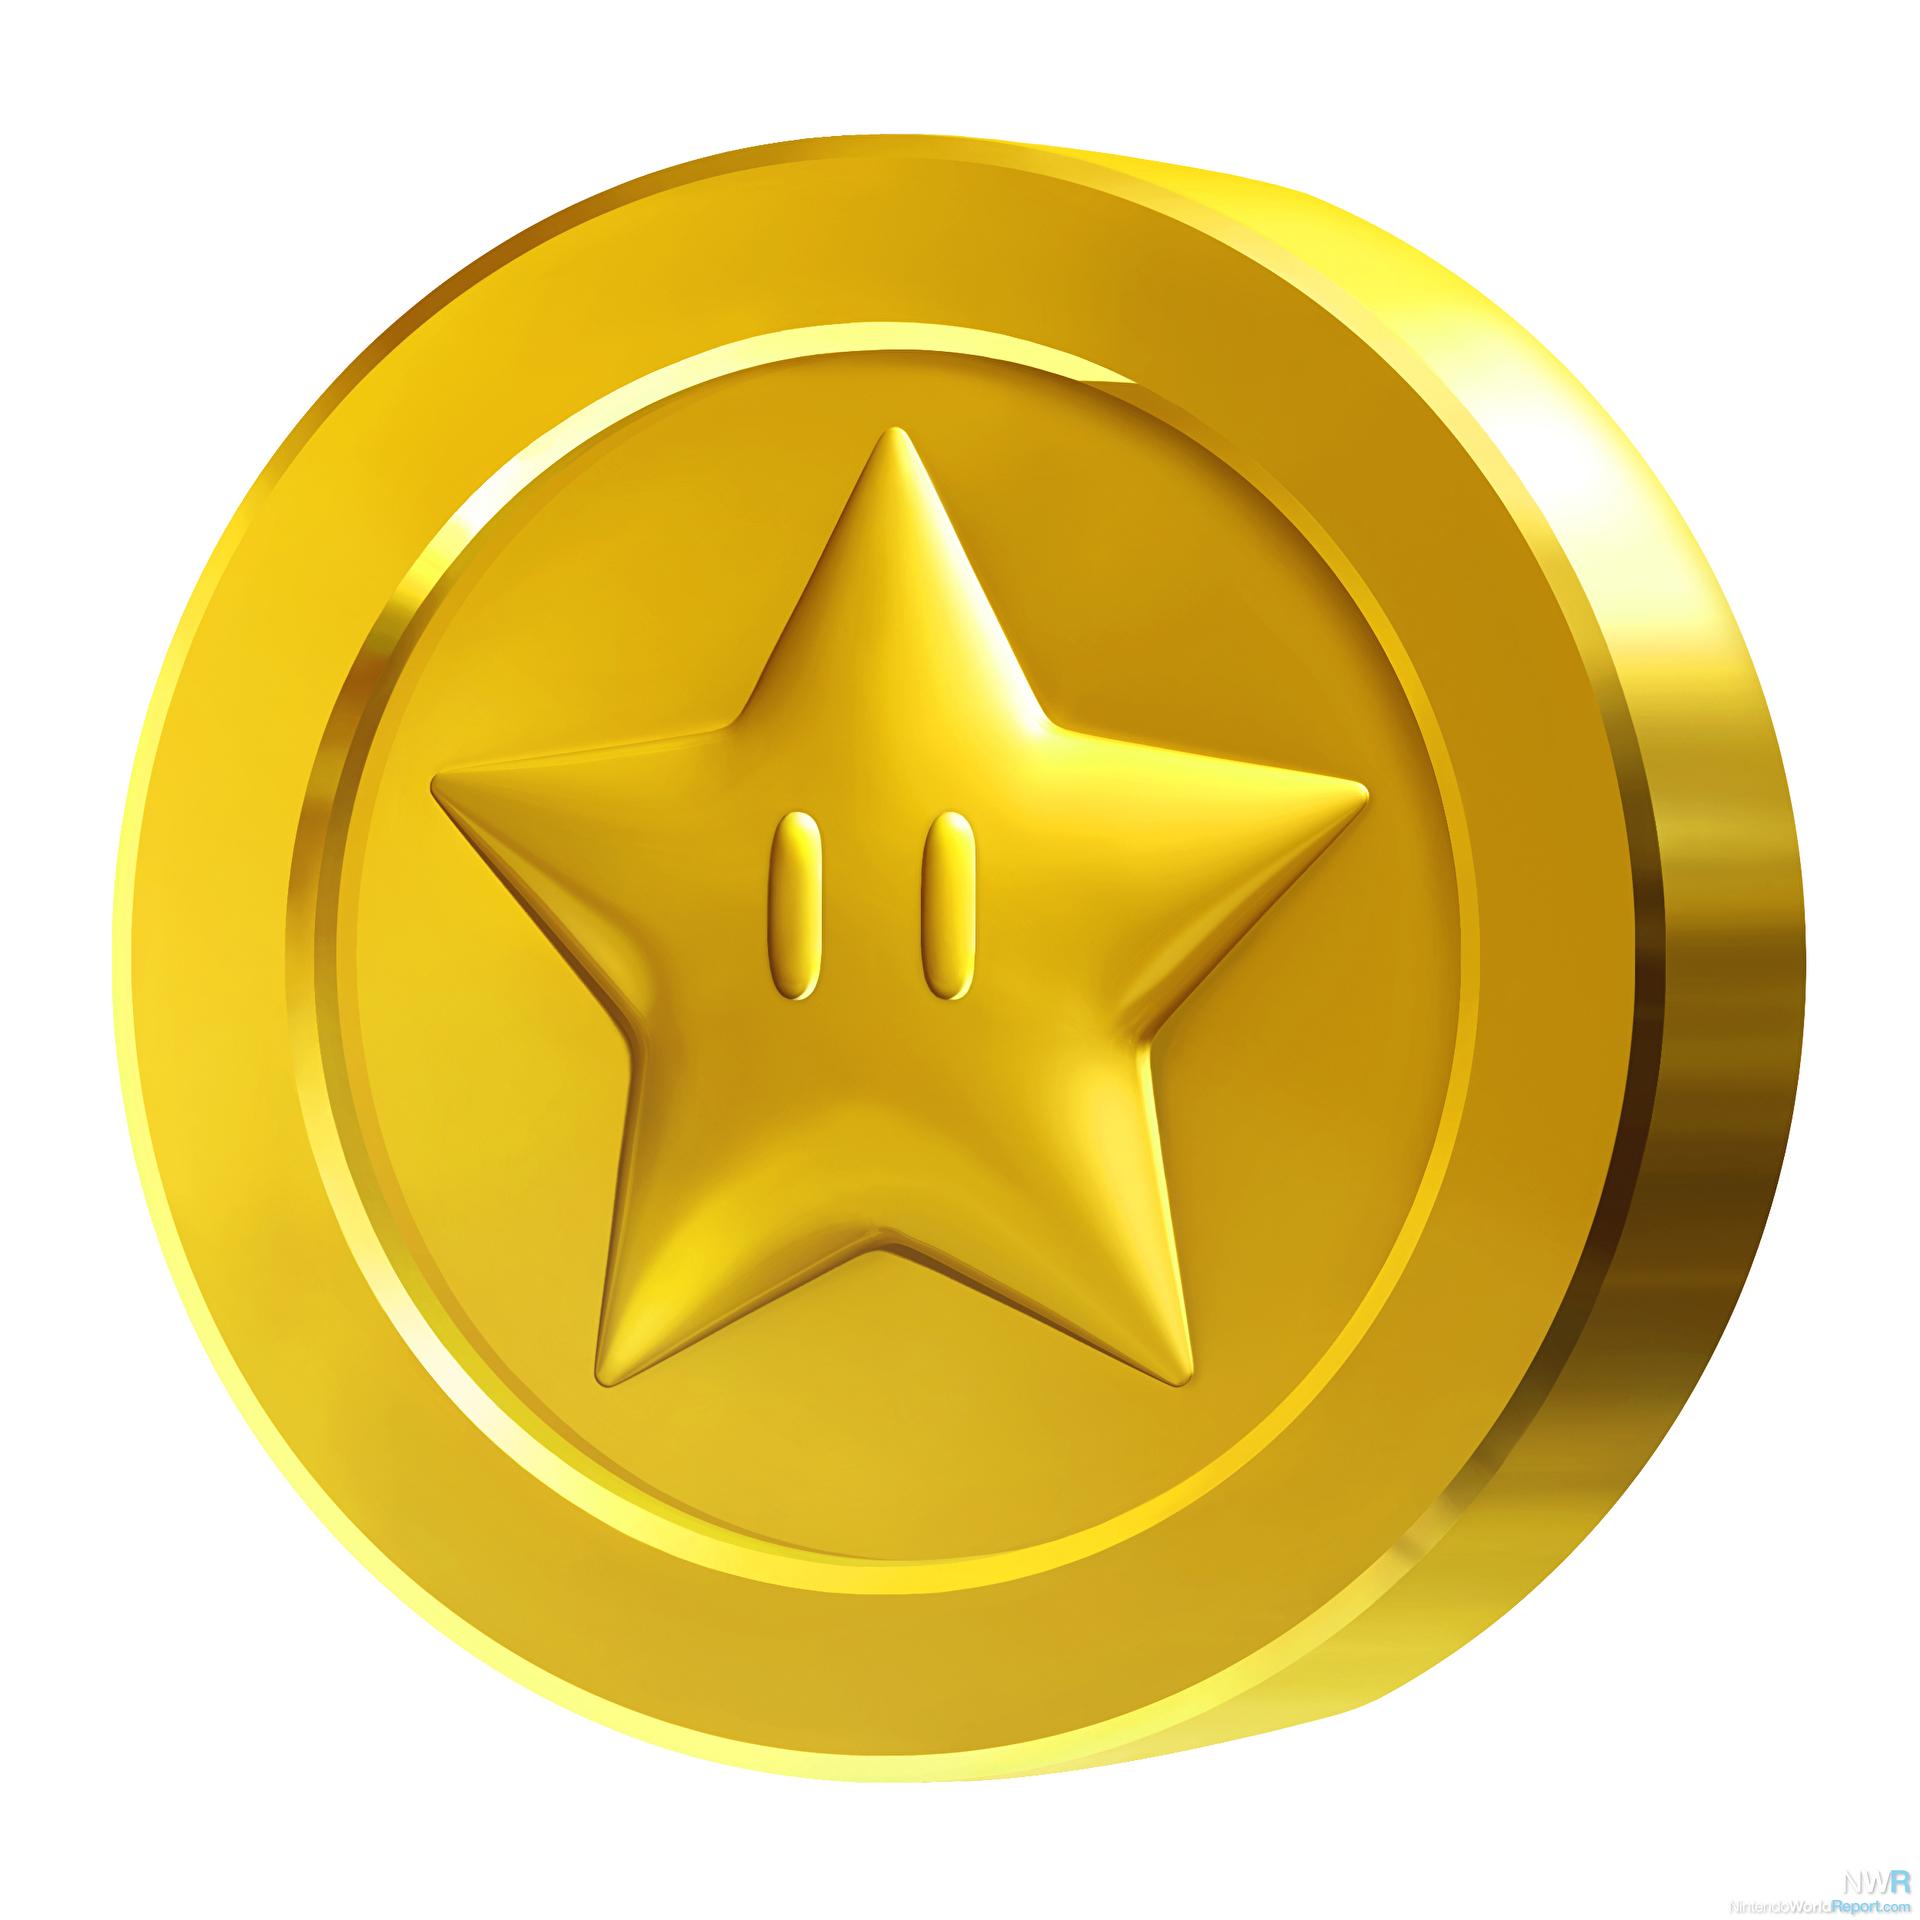 Resultado de imagem para gold coin nintendo